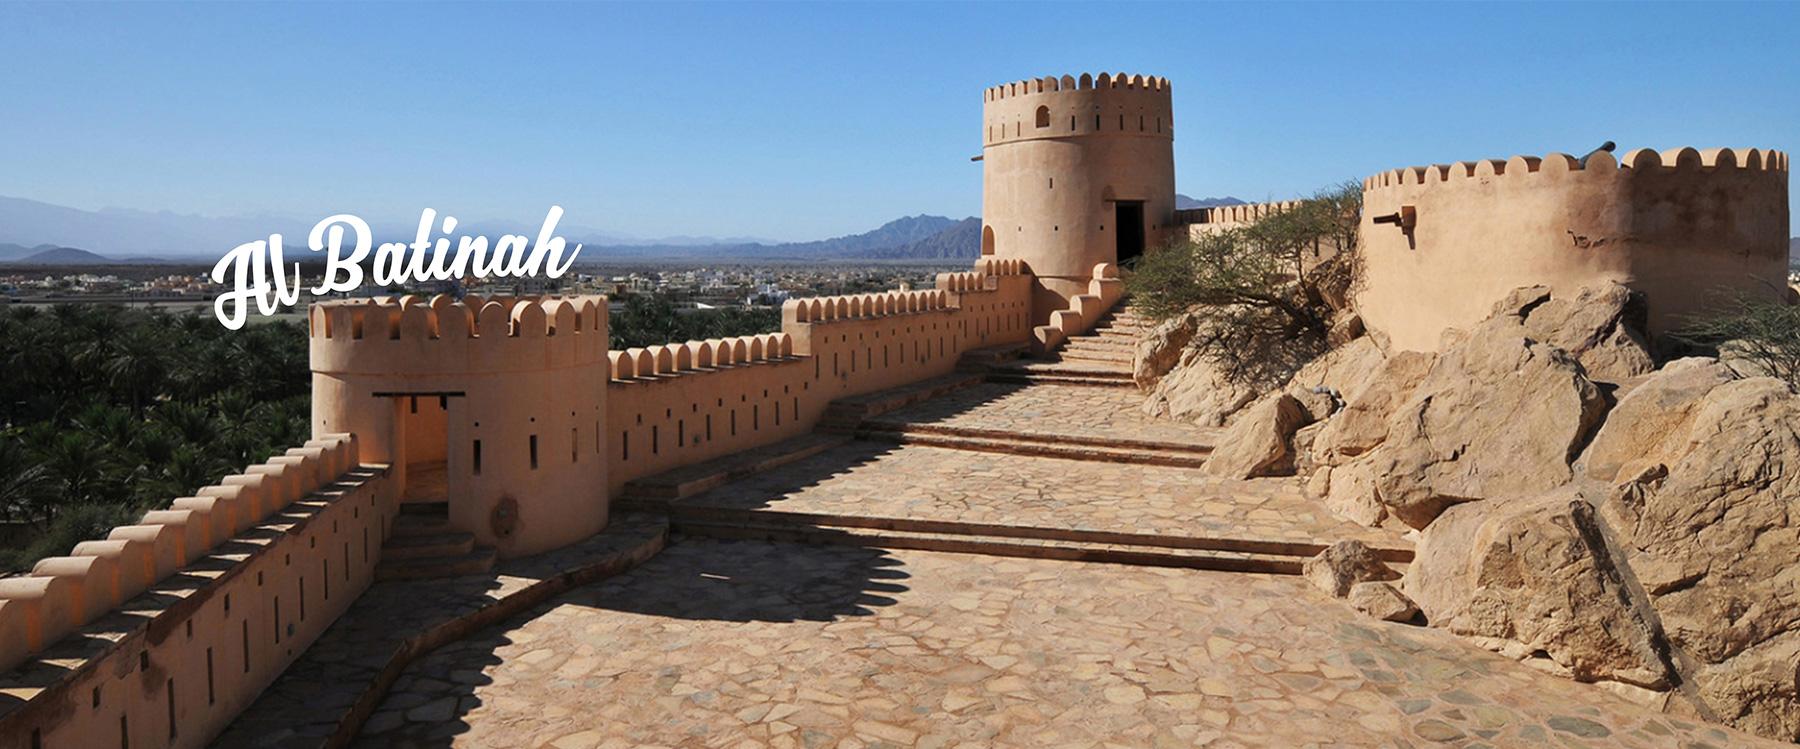 Al-Batinah